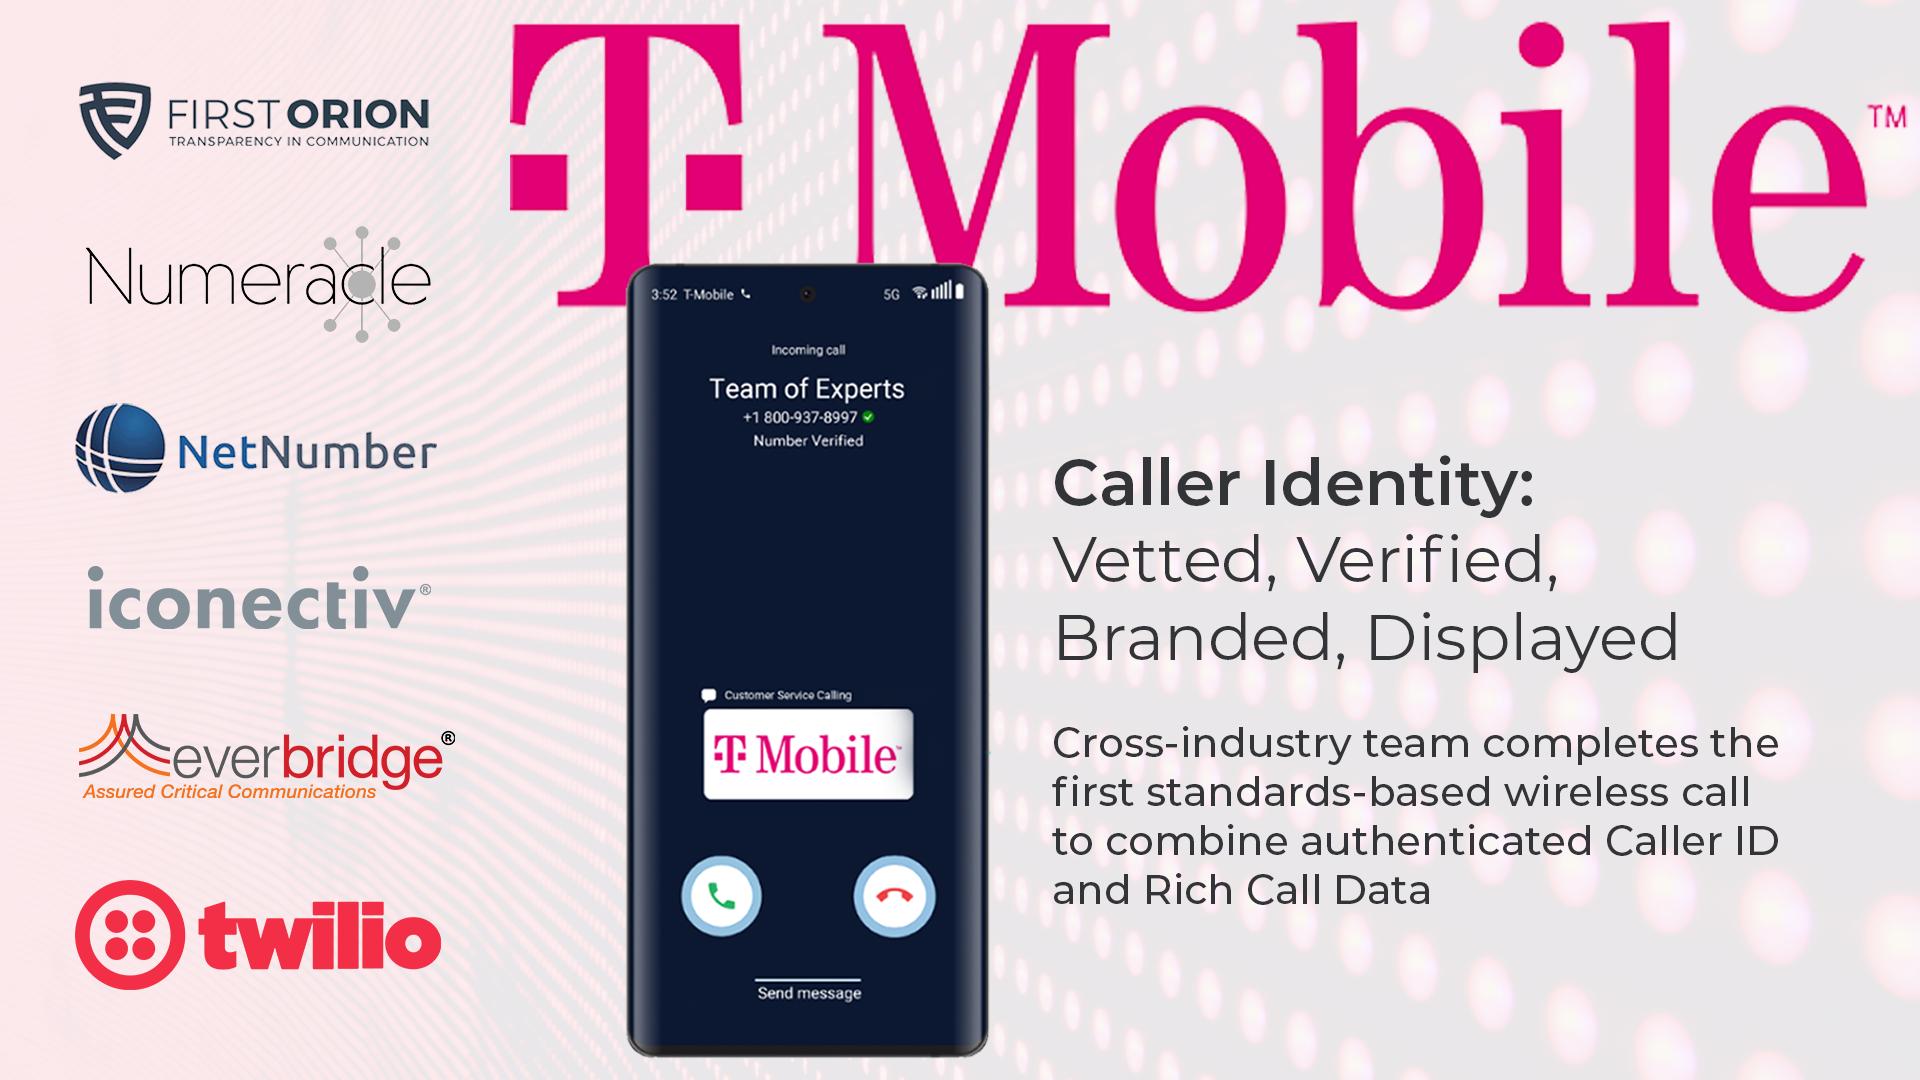 T-Mobile POC PR blog image